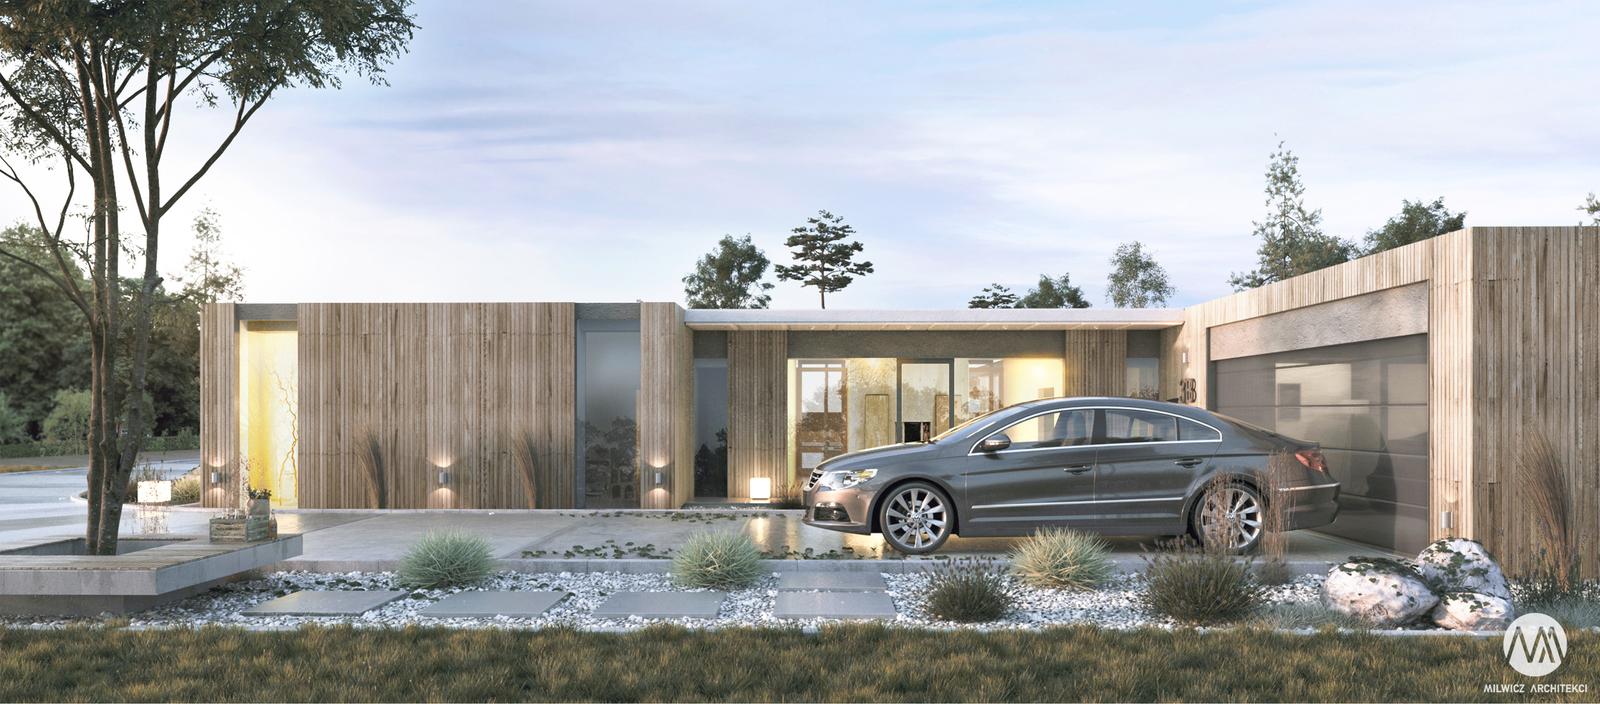 projekt Konin, projekty indywidualne, płaski dach, duże przeszklenie, modernizm, minimalizm